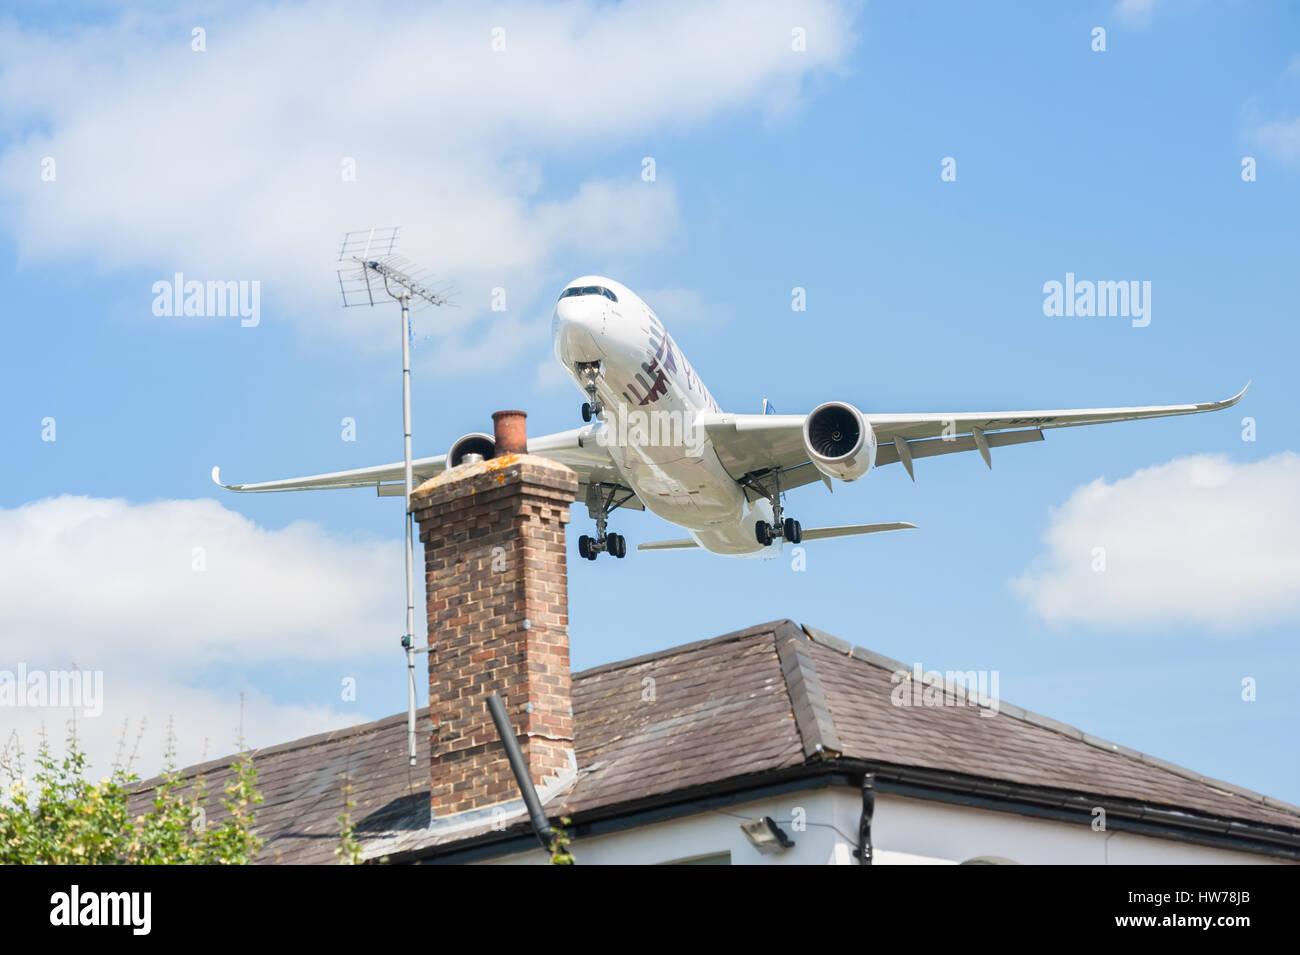 Qatar Airways Airbus A350 en el aterrizaje sobre los tejados para participar en el Salón Aeronáutico de Imagen De Stock